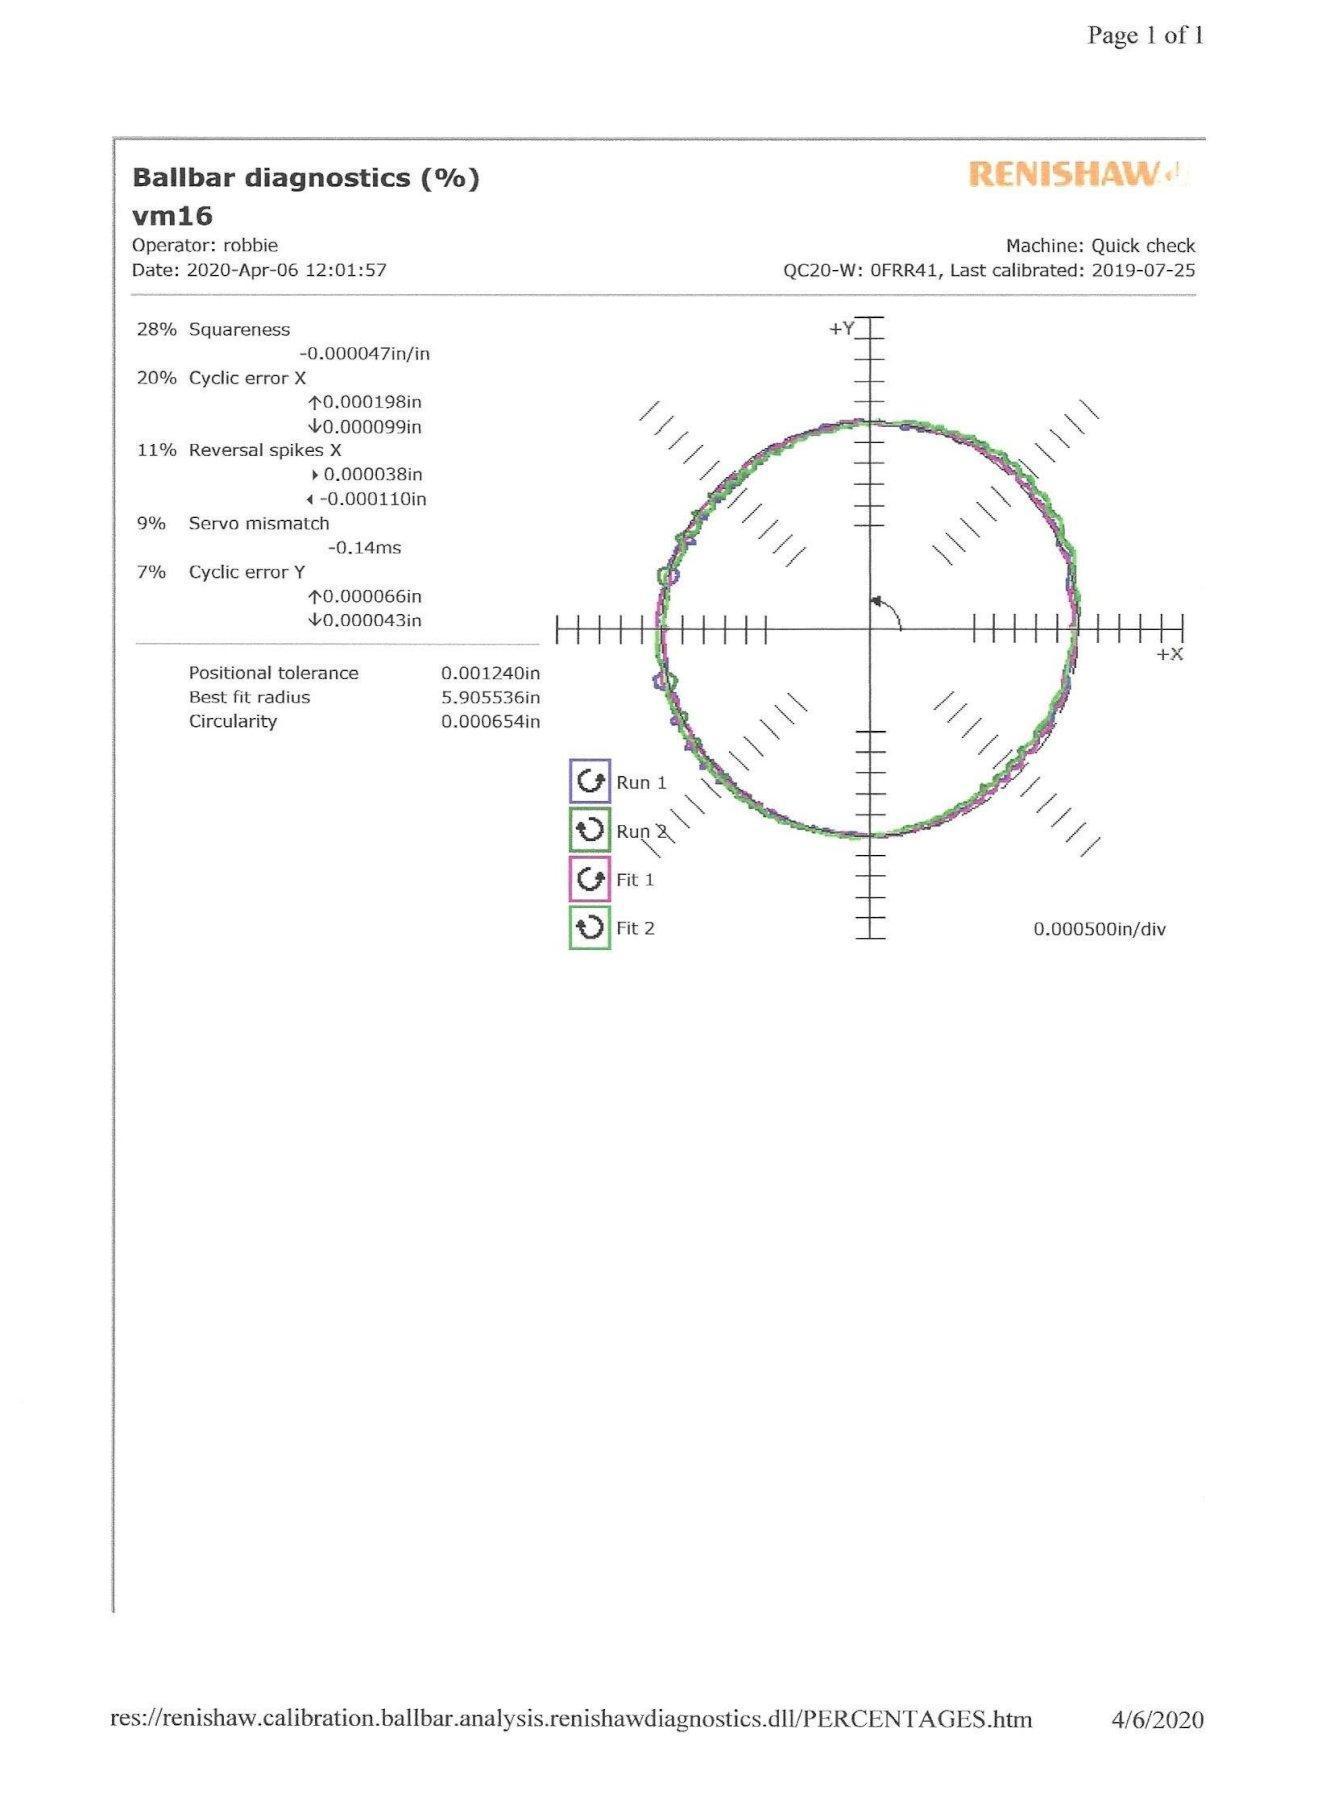 Milltronics Model VM16 CNC Vertical Machining Center, S/N